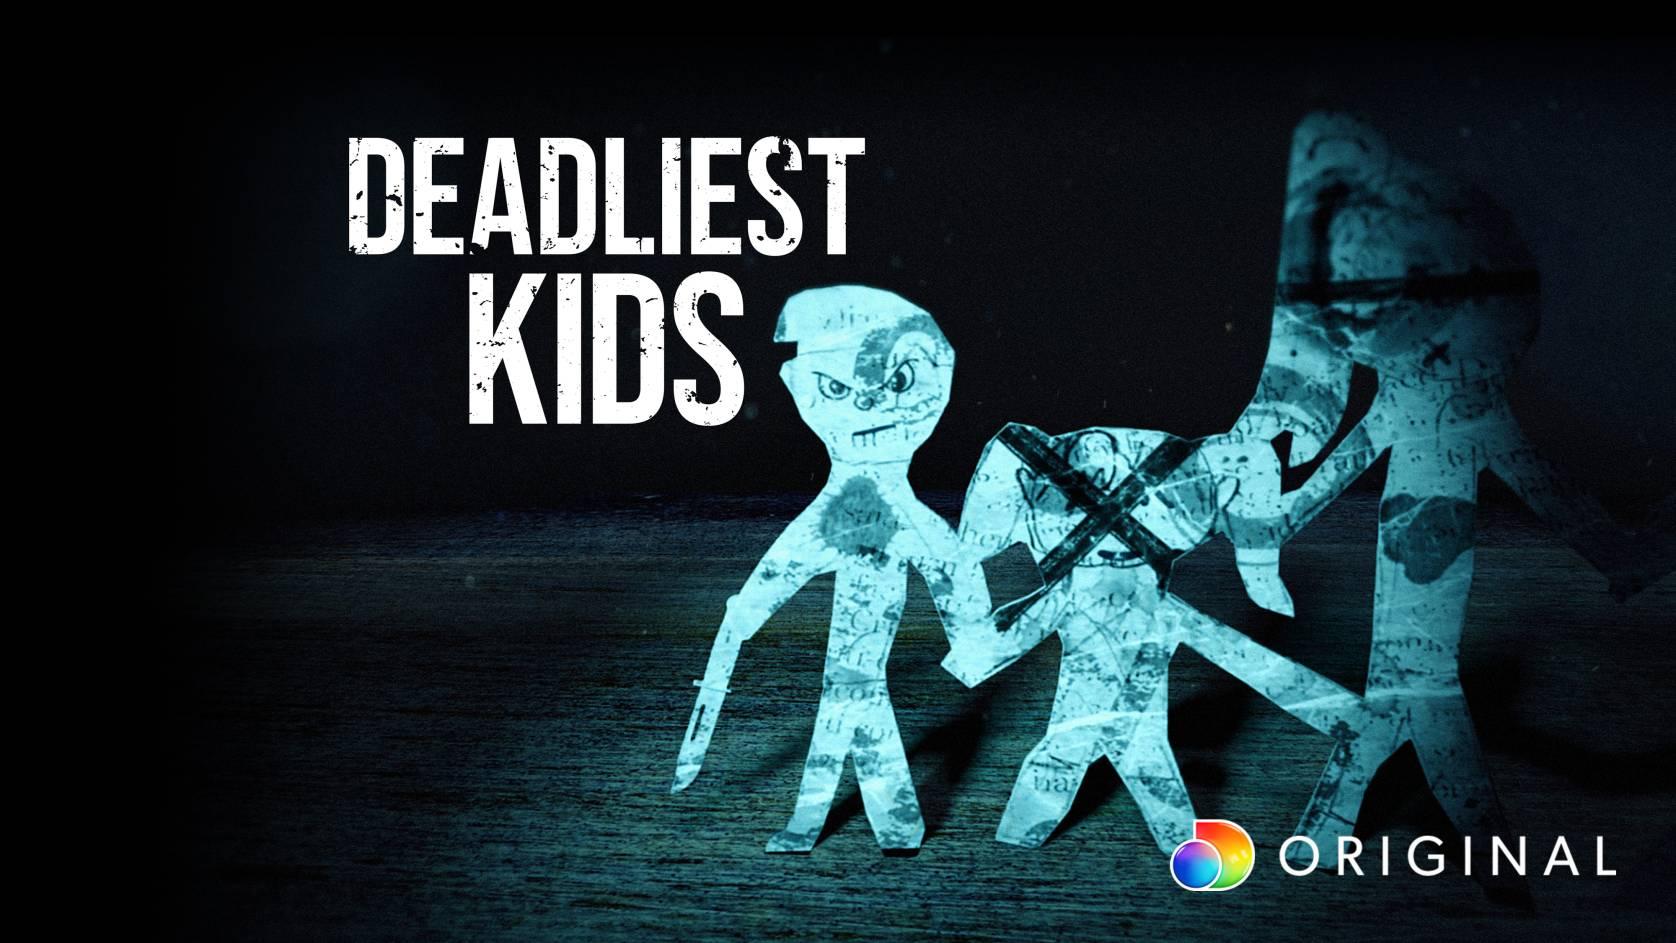 Deadliest Kids